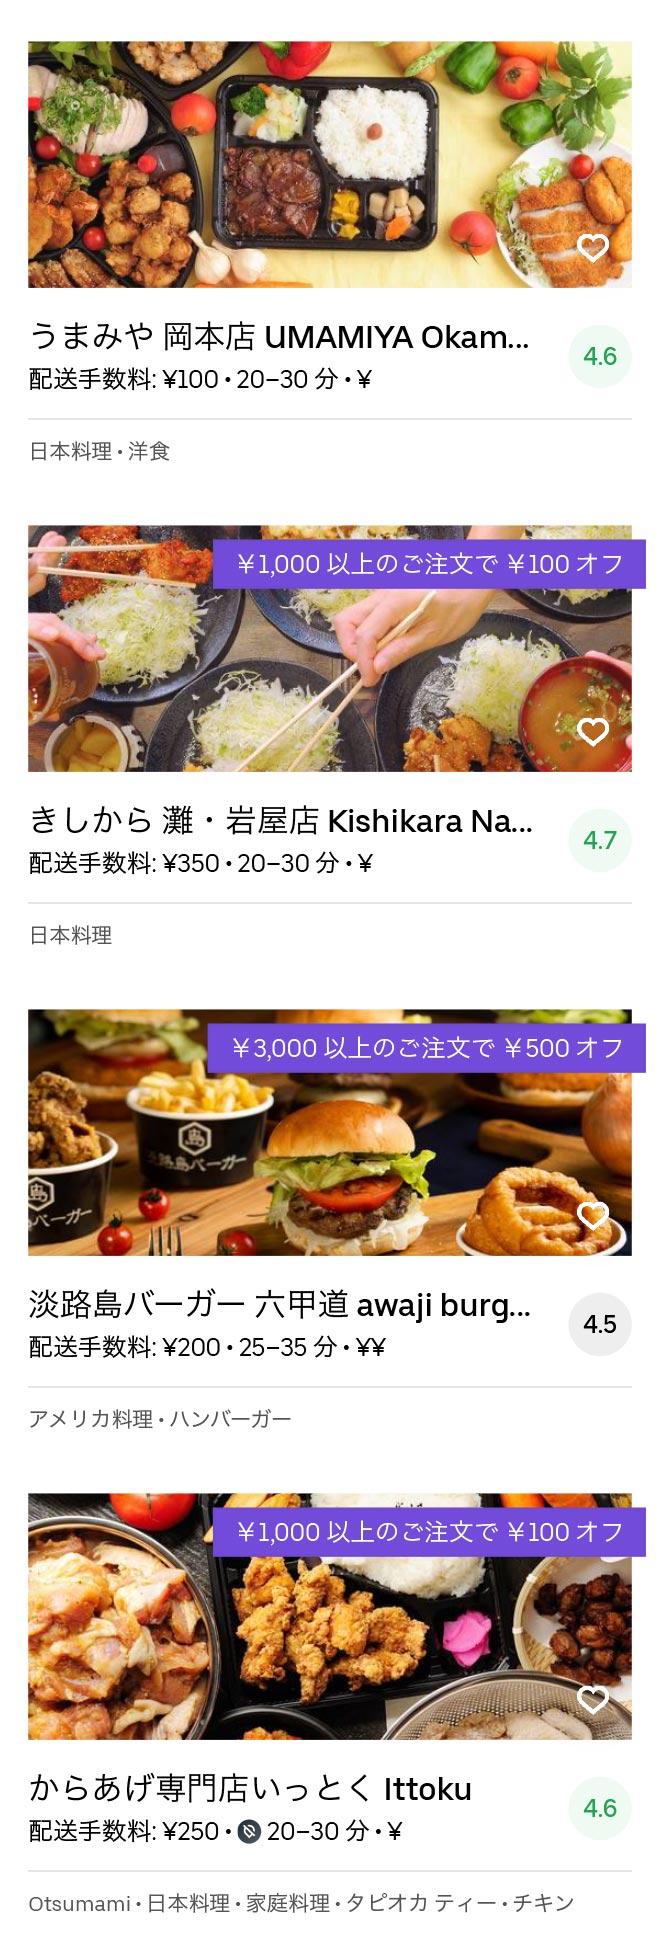 Kobe sumiyoshi menu 2005 11